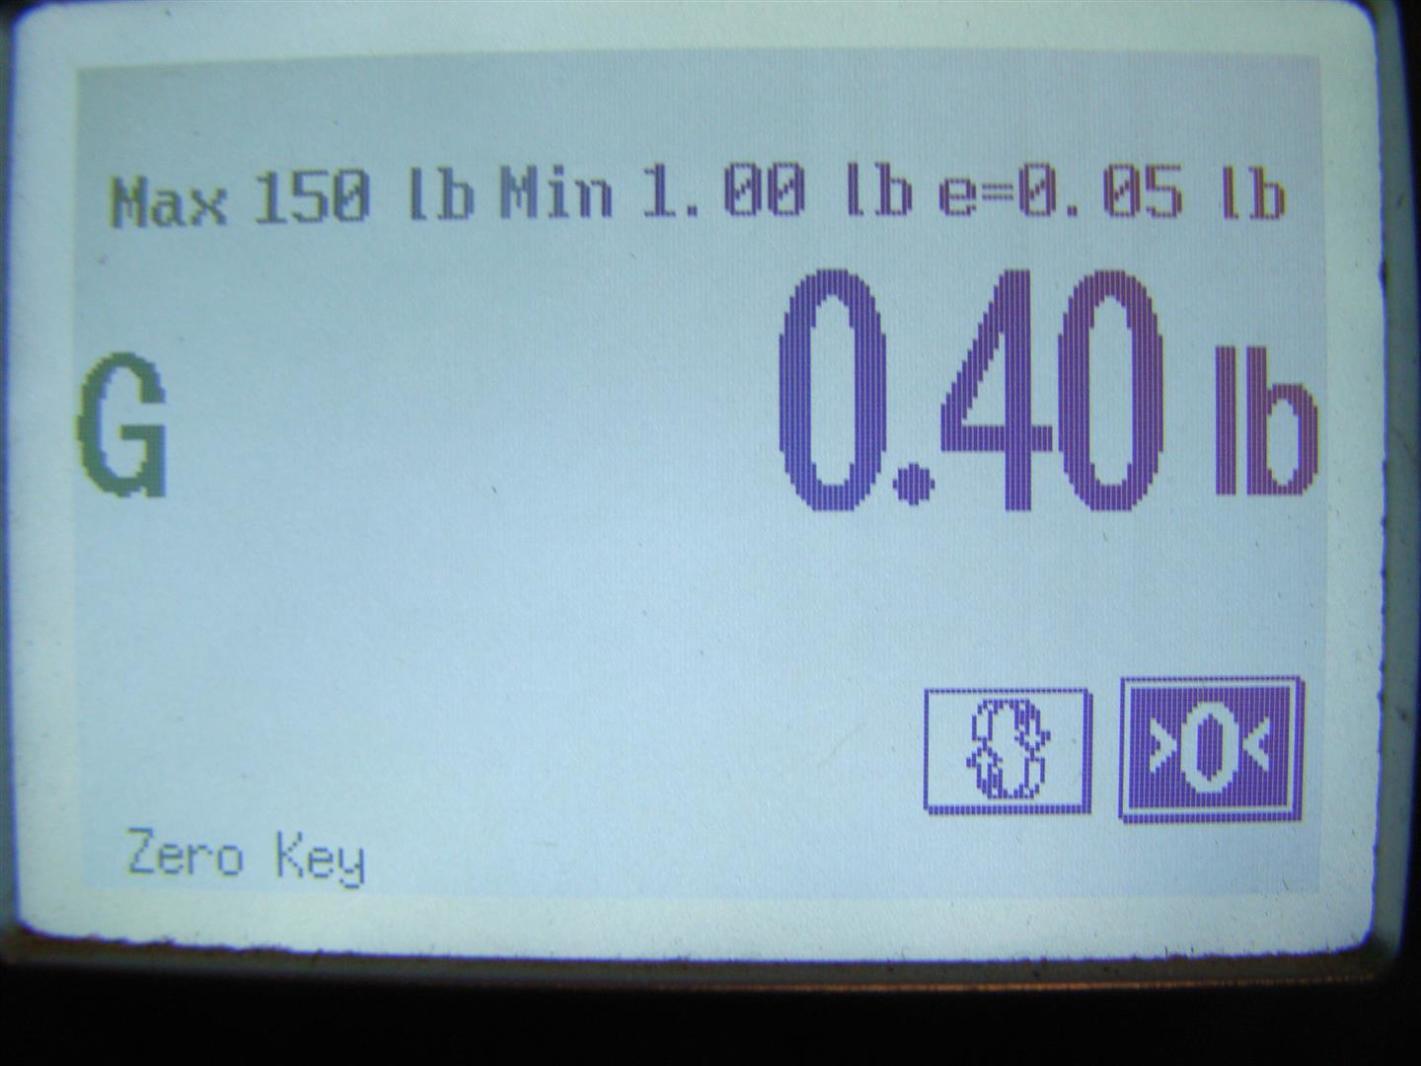 Details about (25) Marson Klik Rivet-Nut Thread Size: 5/16 - 18, 47171